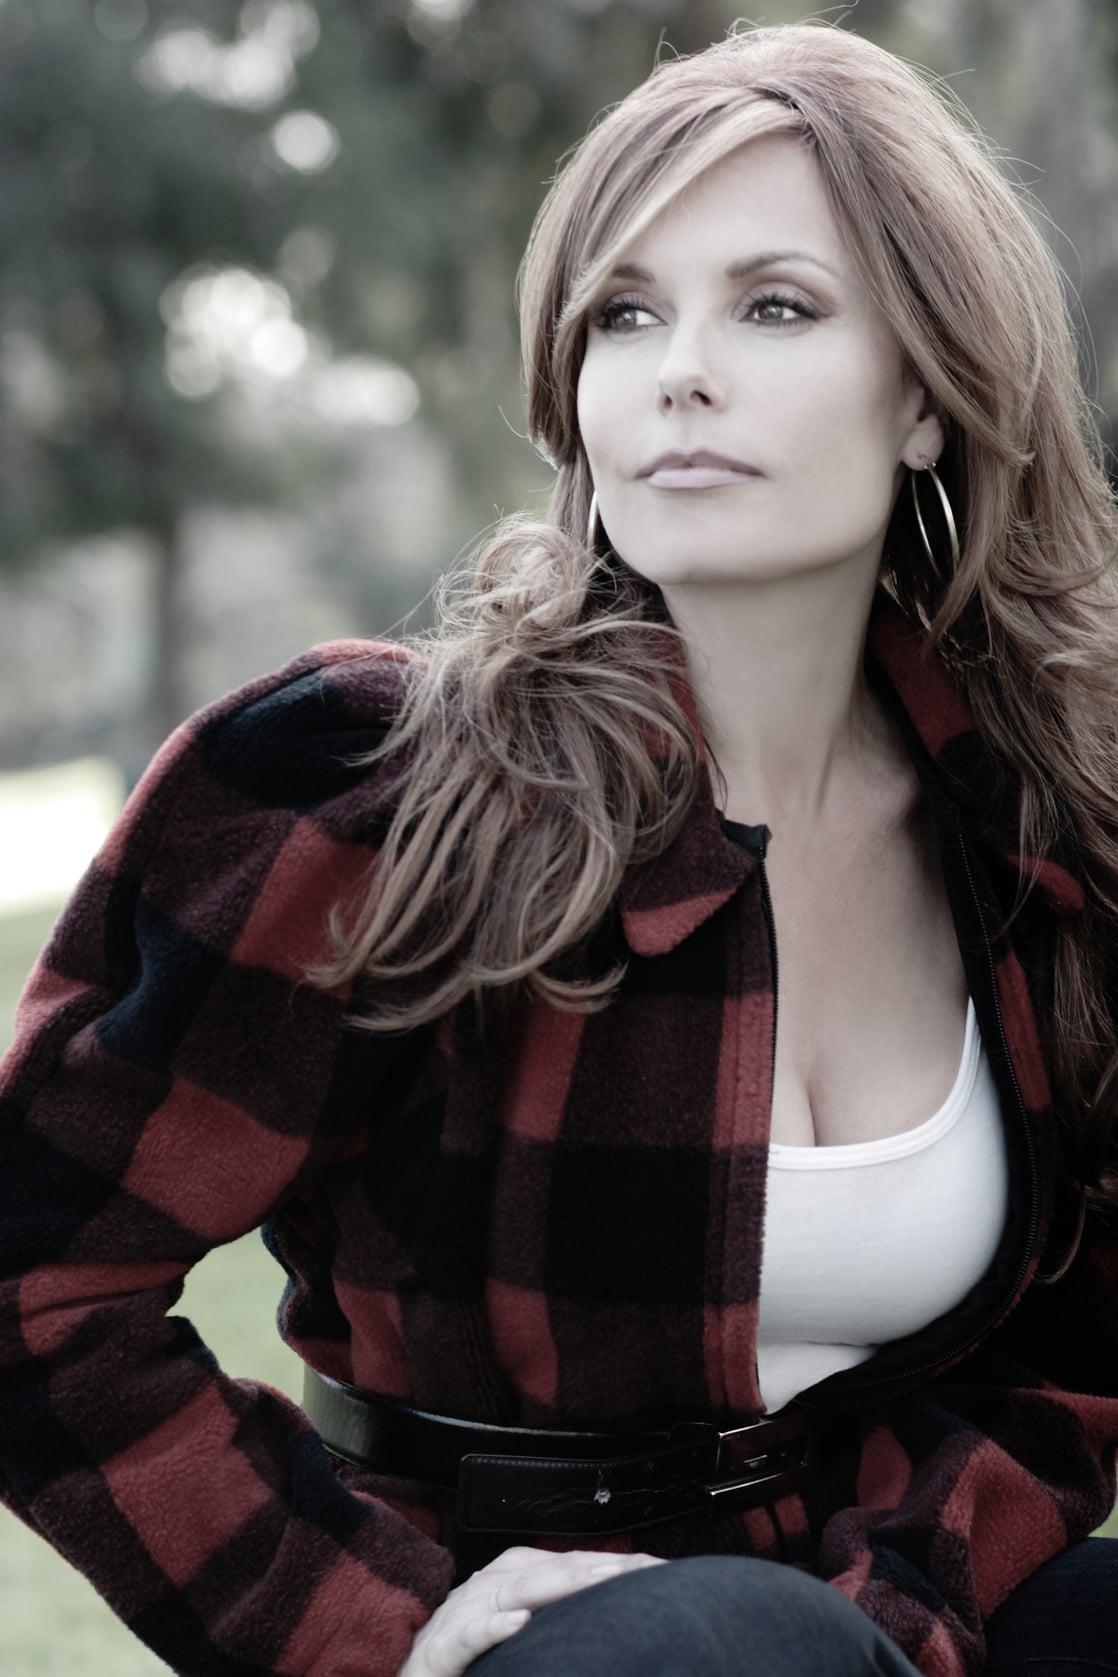 Picture of Tracey E. Bregman